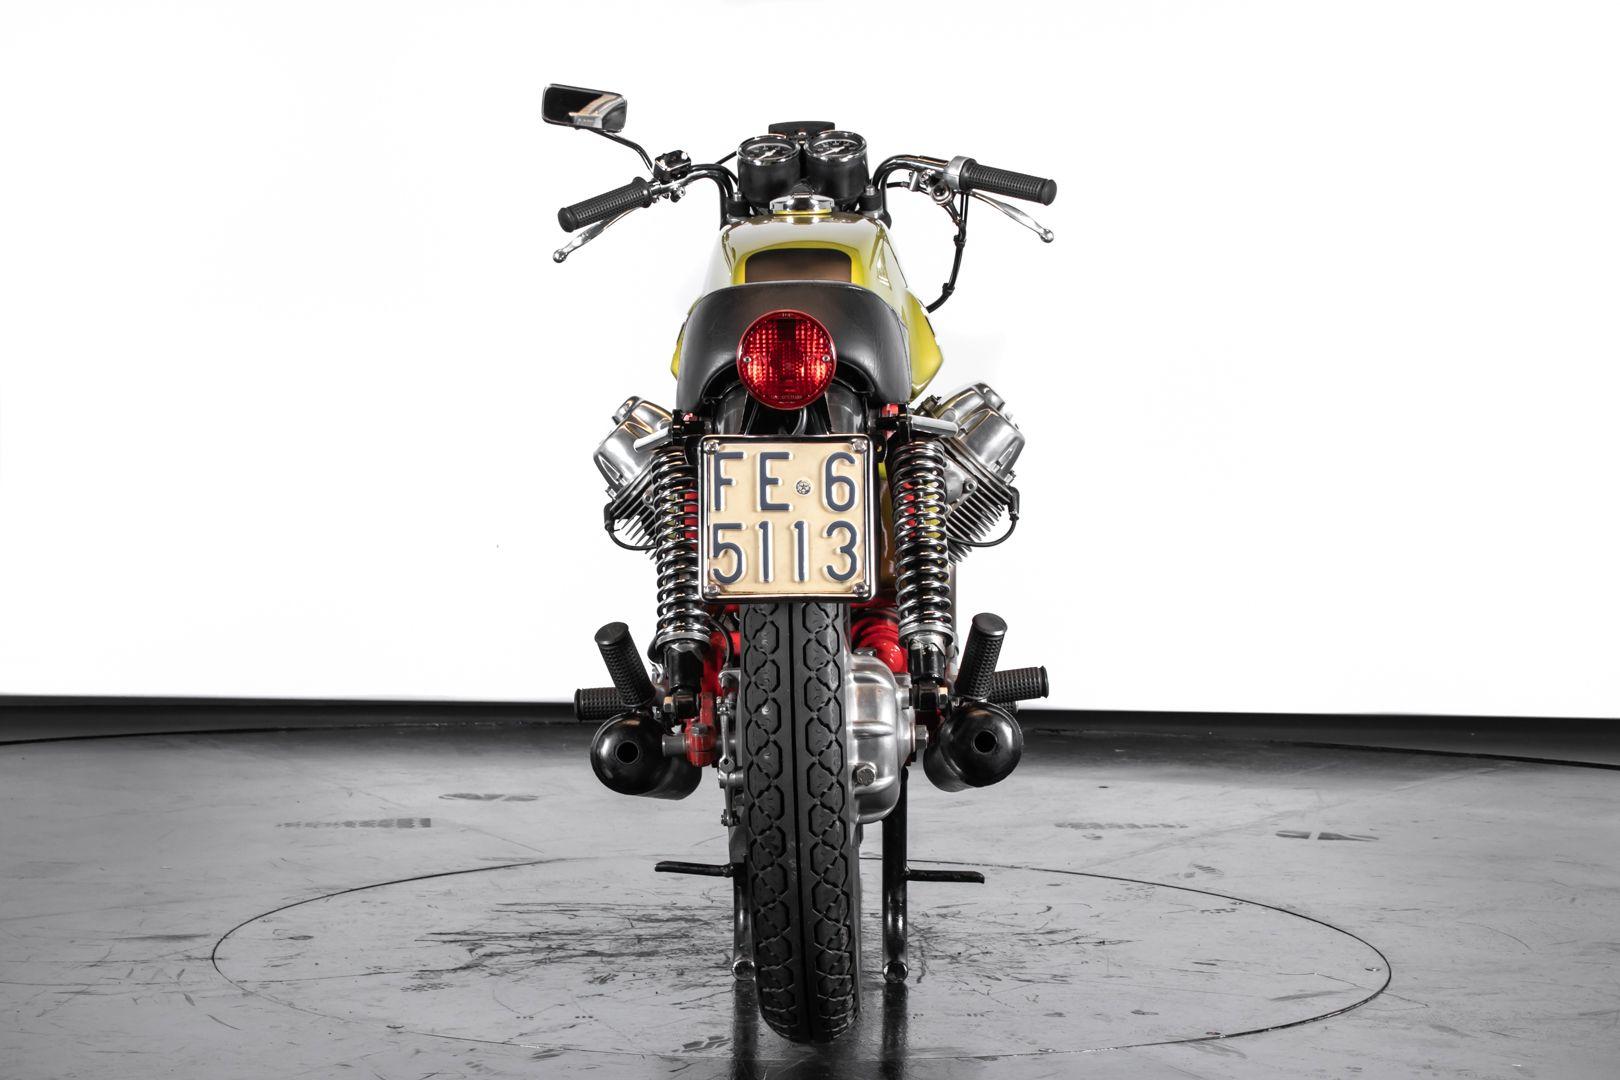 1972 Moto Guzzi V7 Sport Telaio Rosso 76503